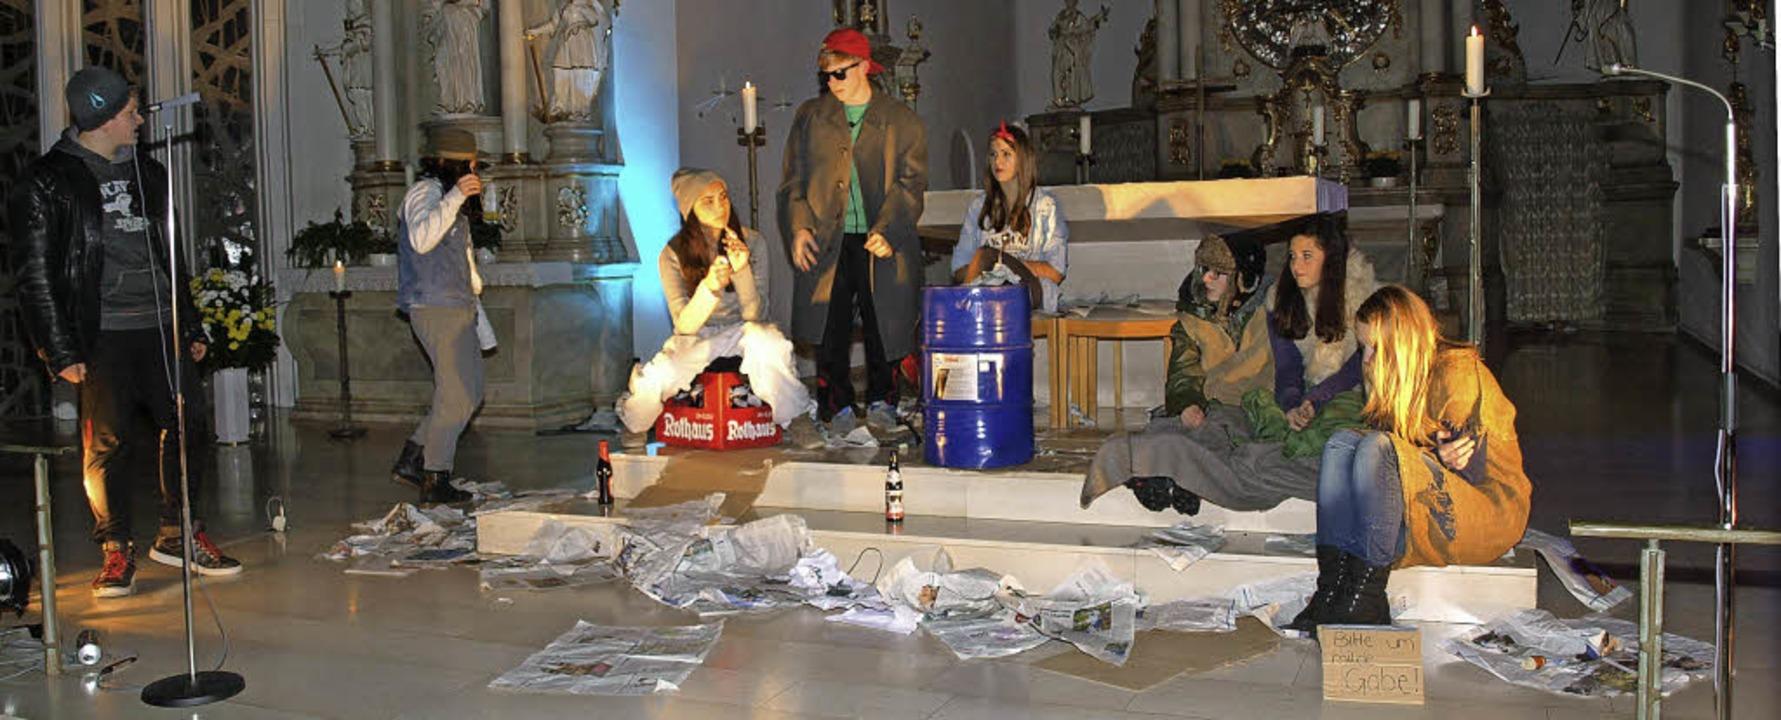 Die Firmanden in dem modern interpretierten Stück vor dem Altar.    Foto: Marion Pfordt